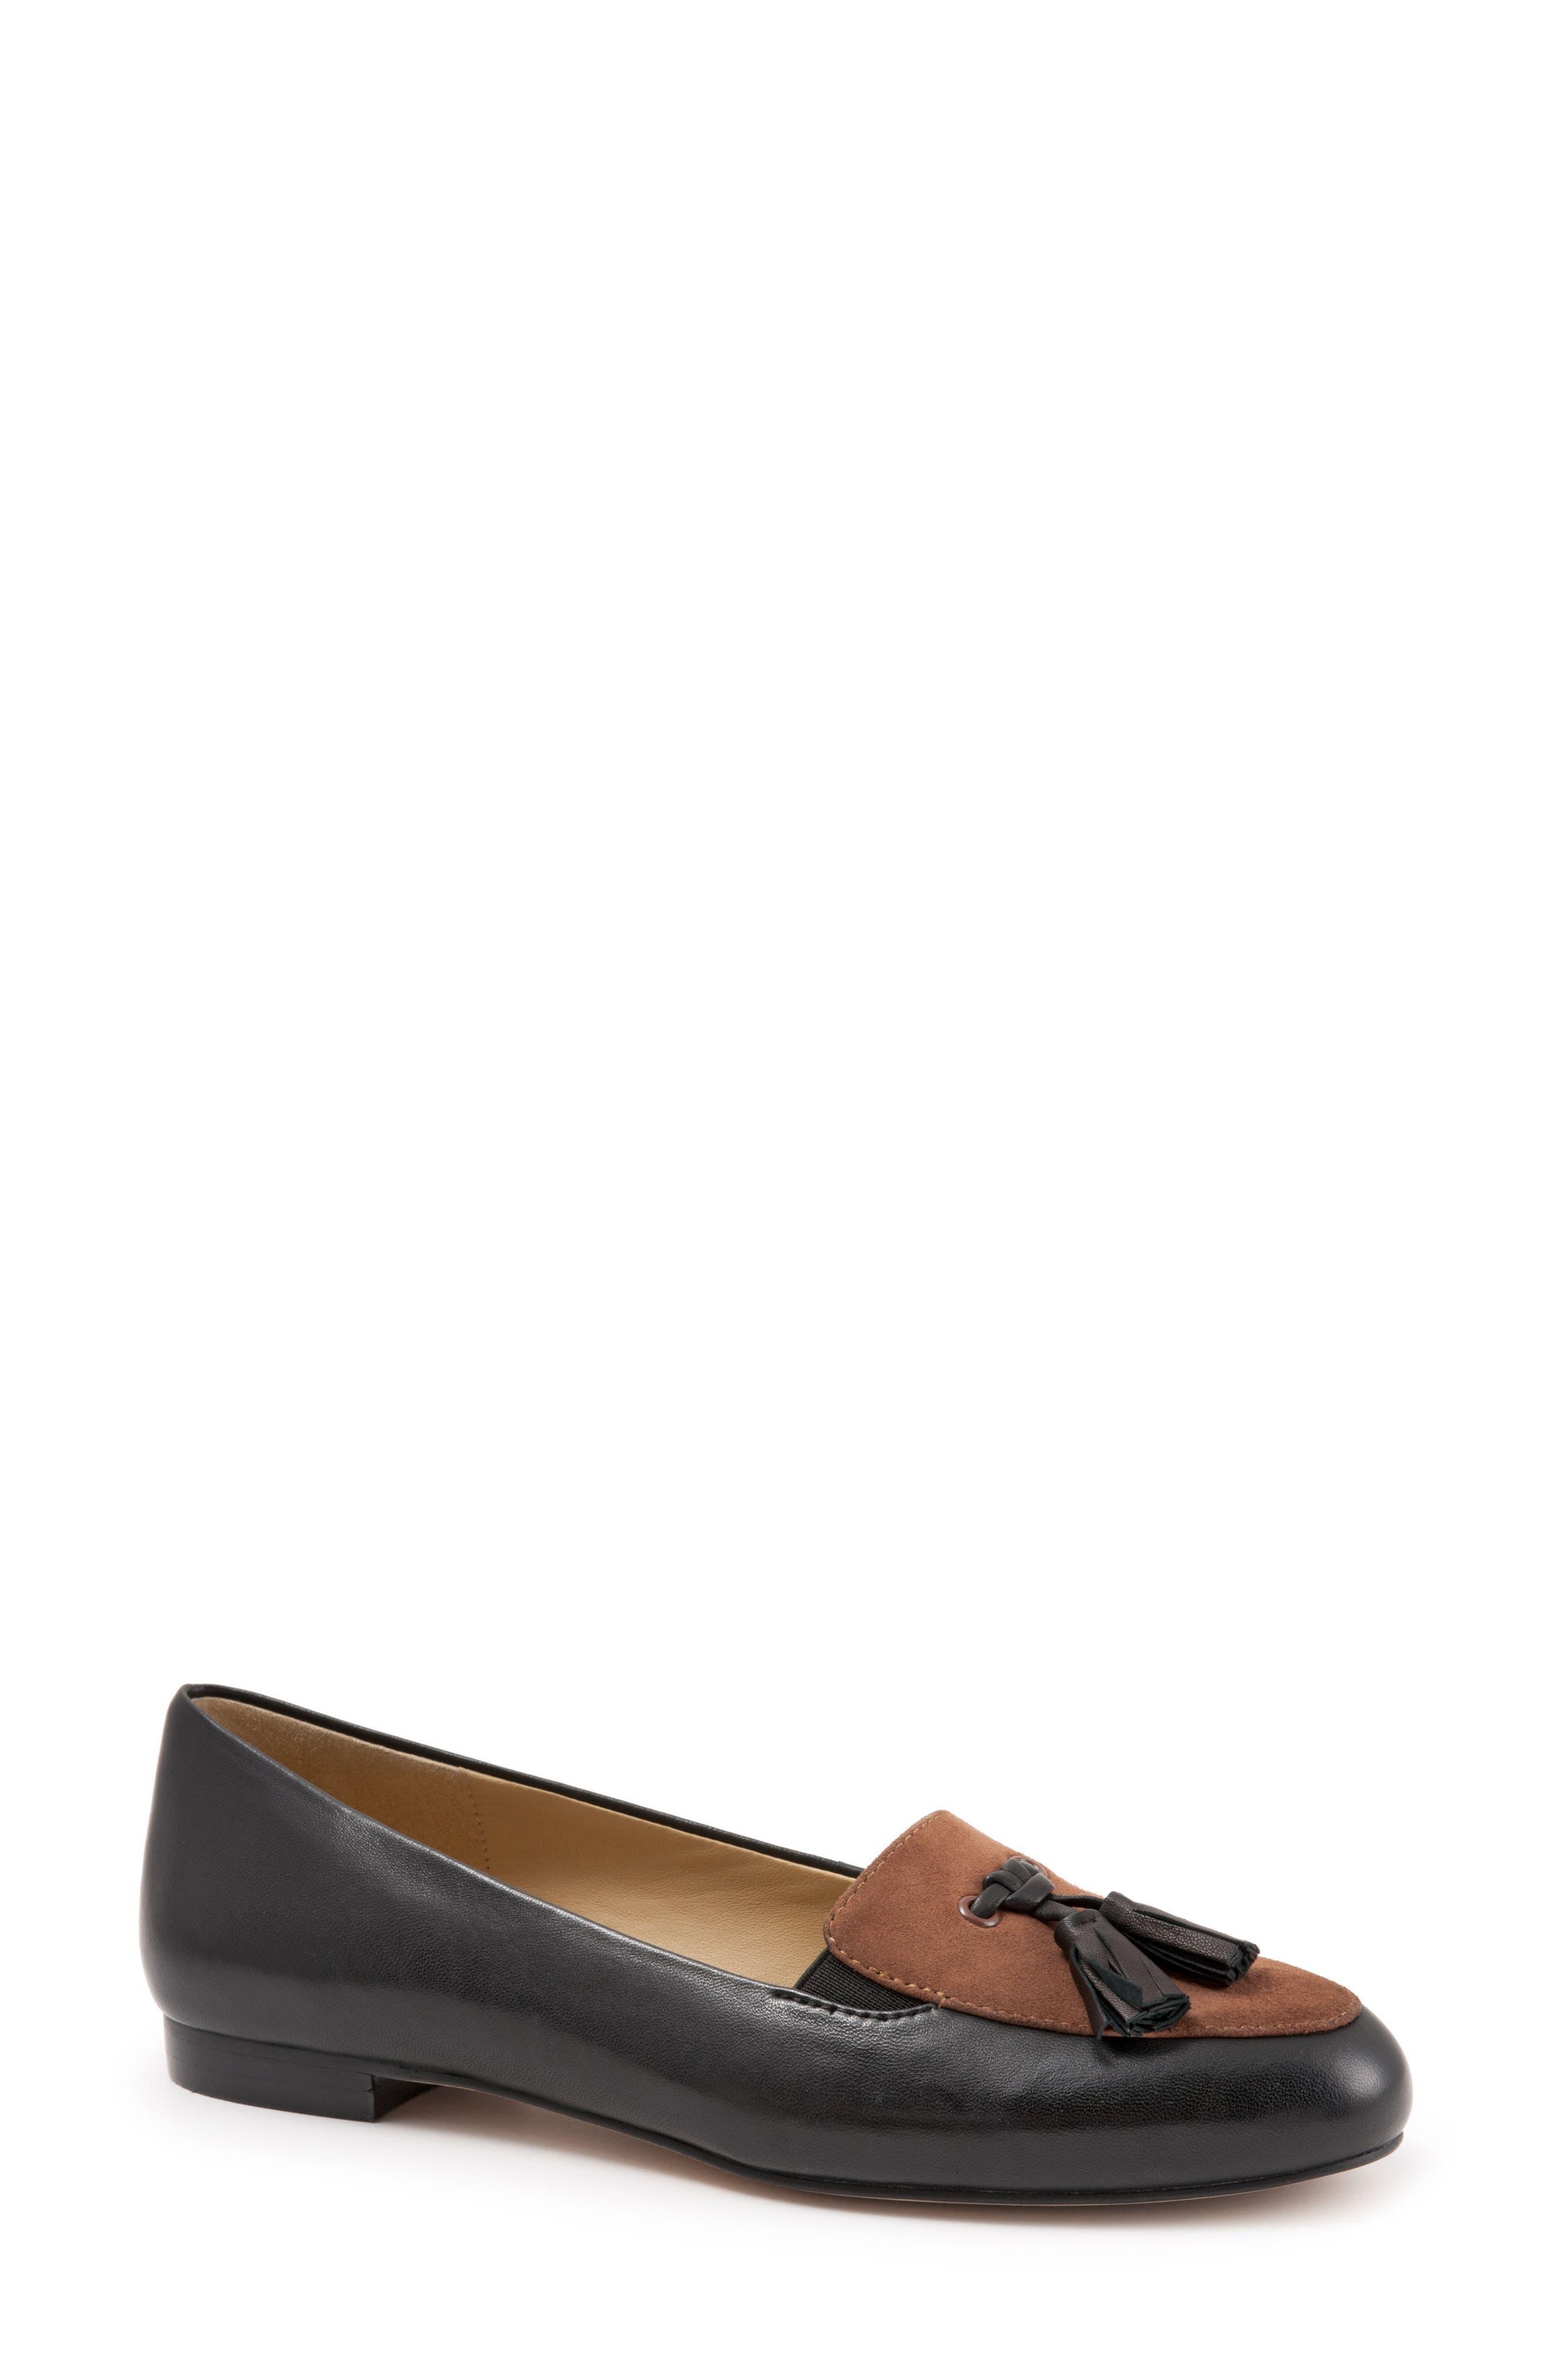 Trotters 'Caroline' Tassel Loafer (Women)